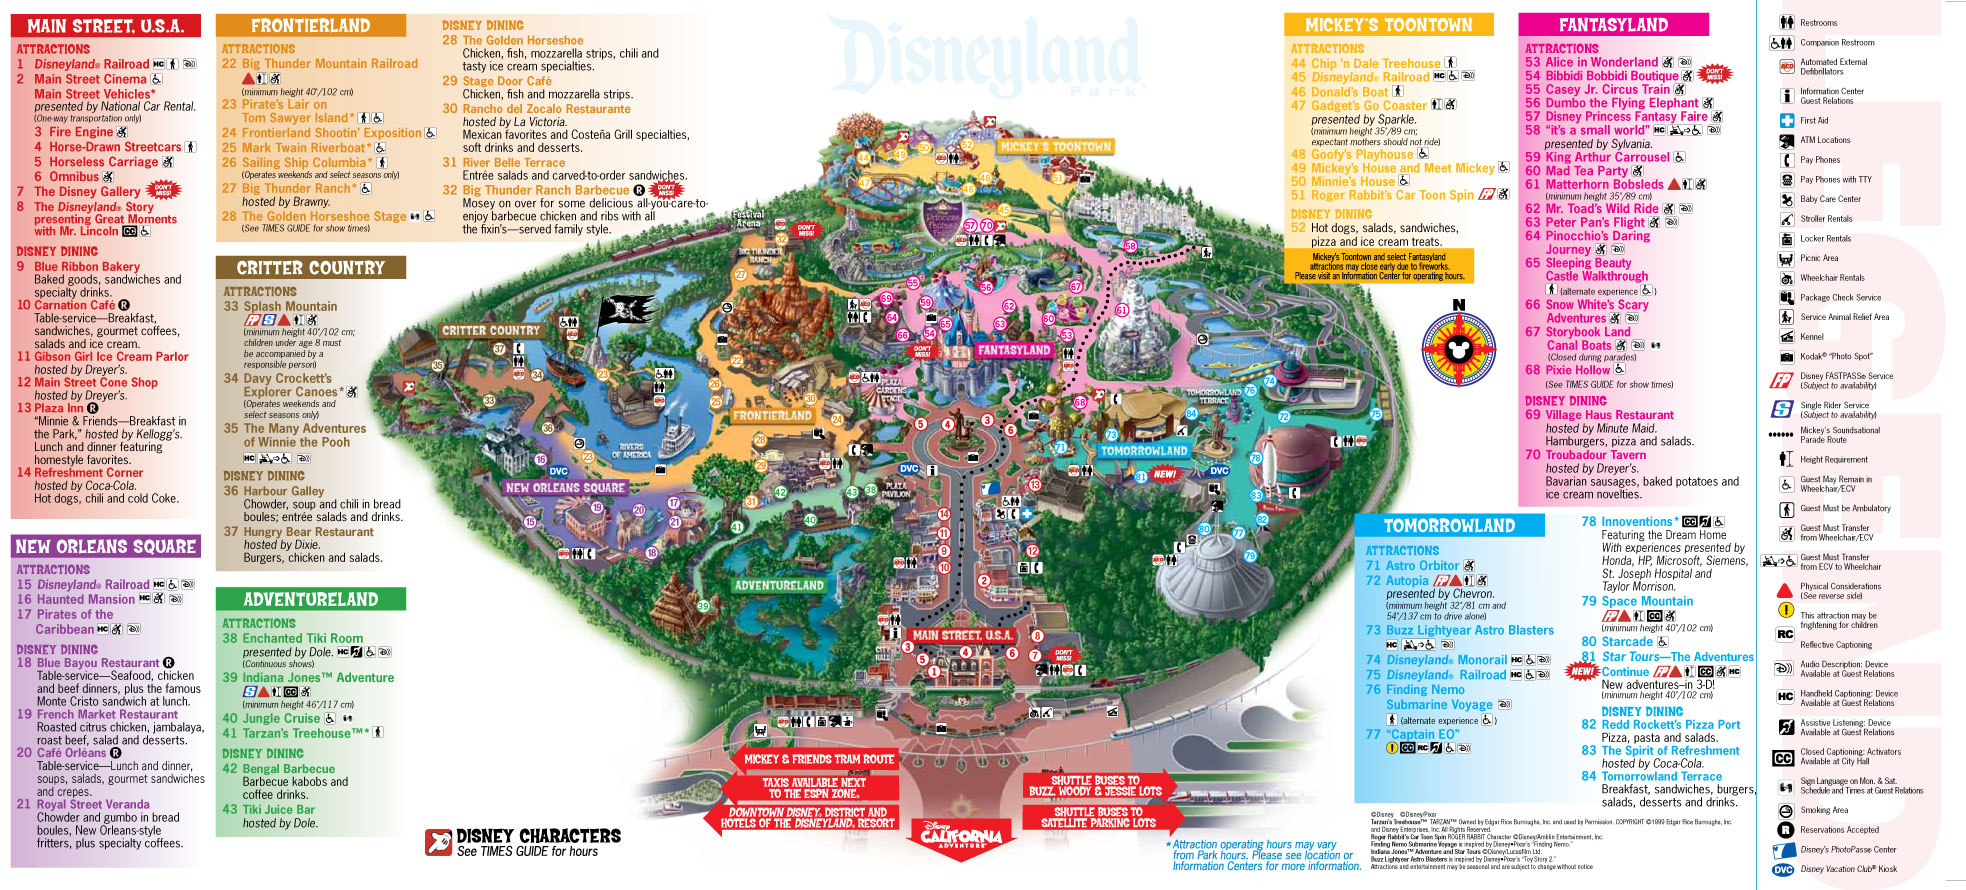 Disneyland Park Map Disneyland Park Maps Disneyland Park Map